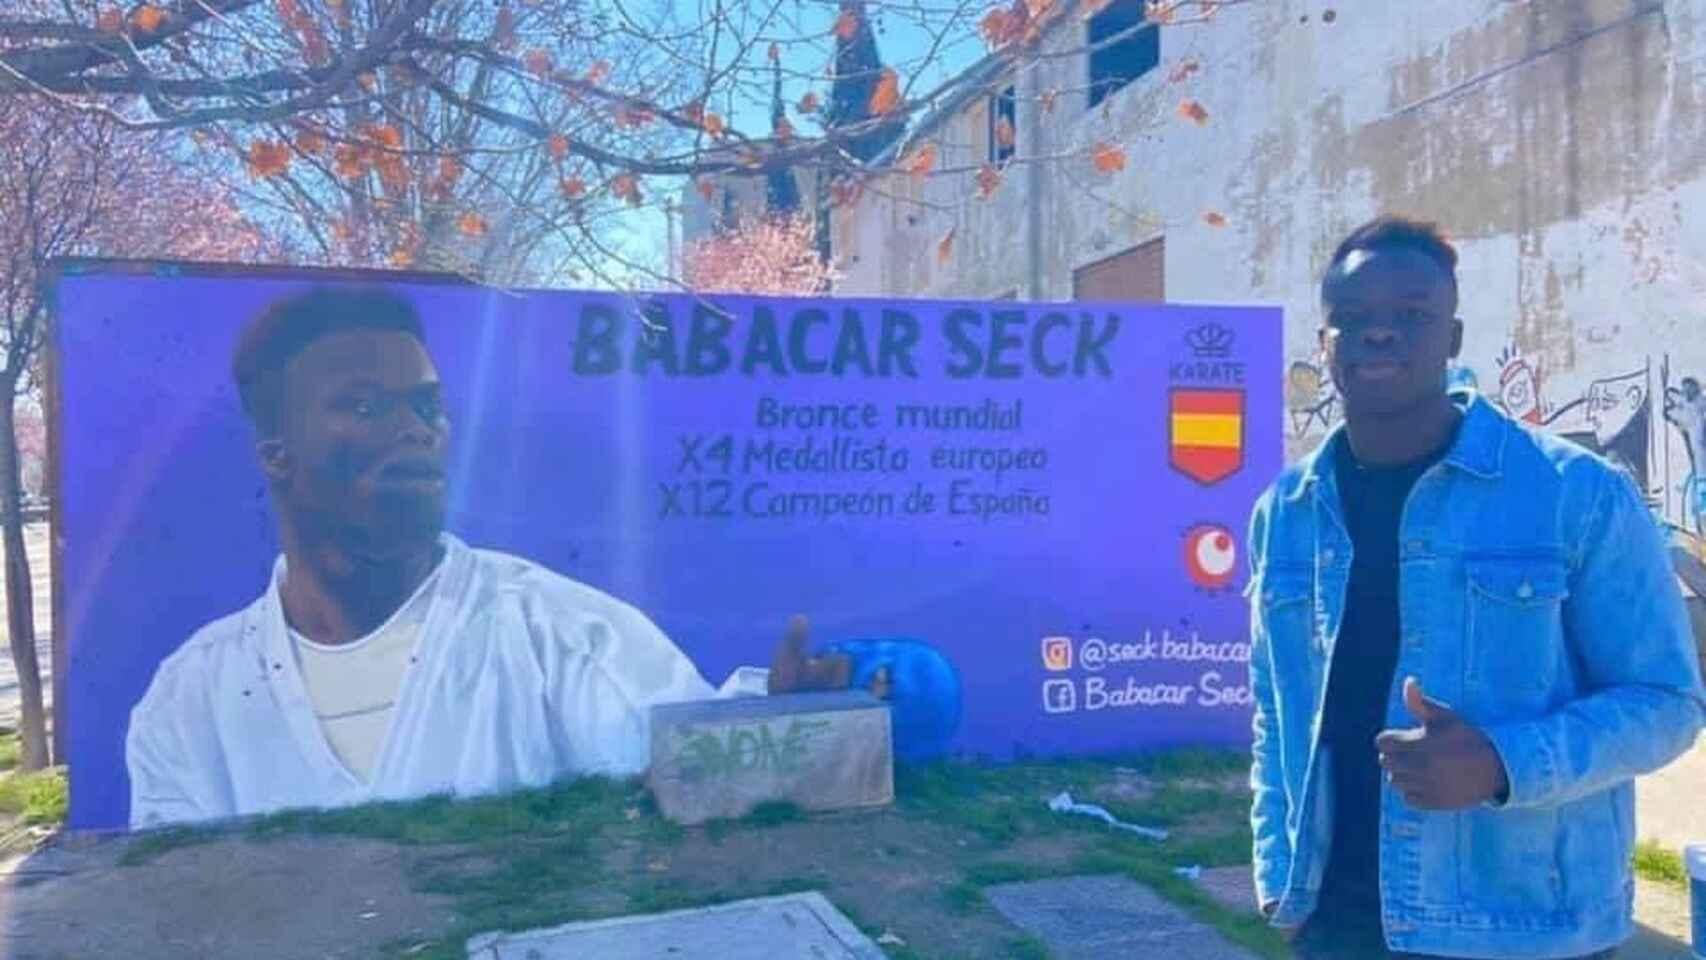 Ataque racista al karateca español Babacar Seck: aparecen esvásticas en su mural de homenaje